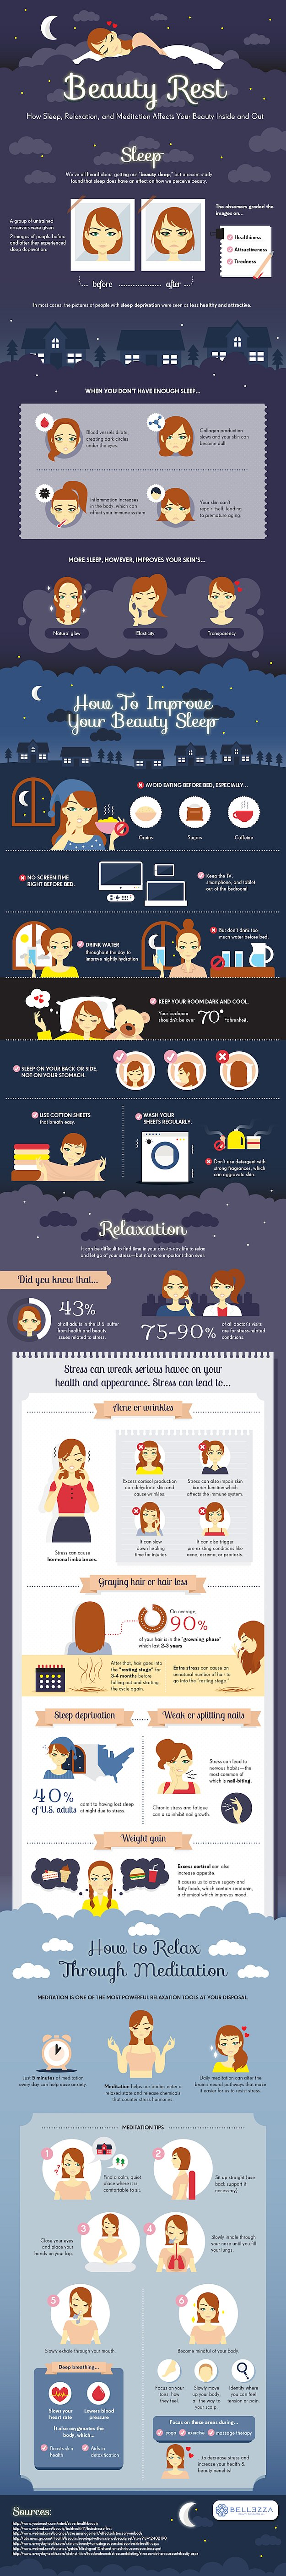 Beauty-sleep-benefits